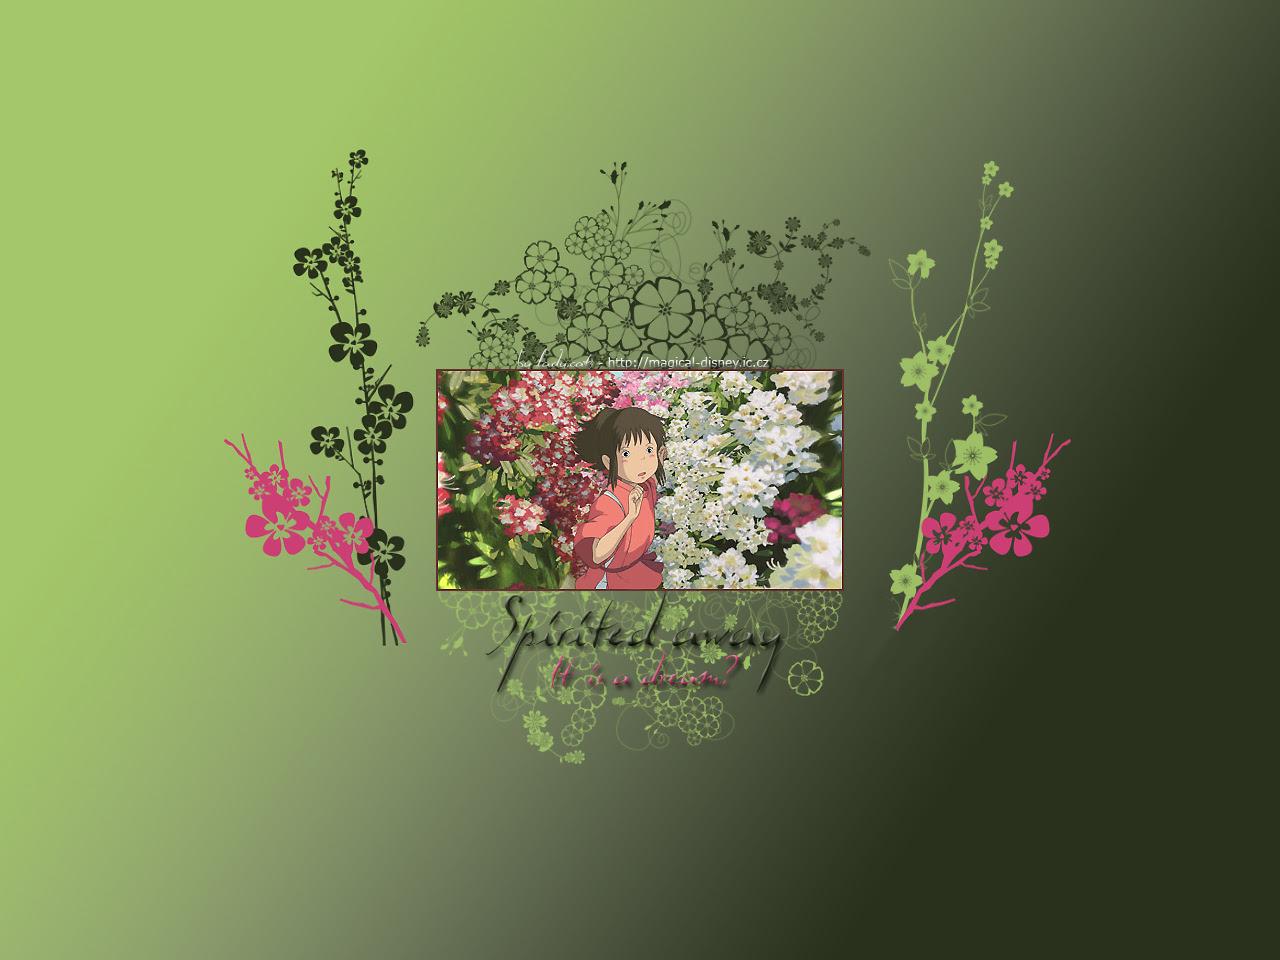 Spirited Away A Viagem De Chihiro Wallpaper 4694047 Fanpop